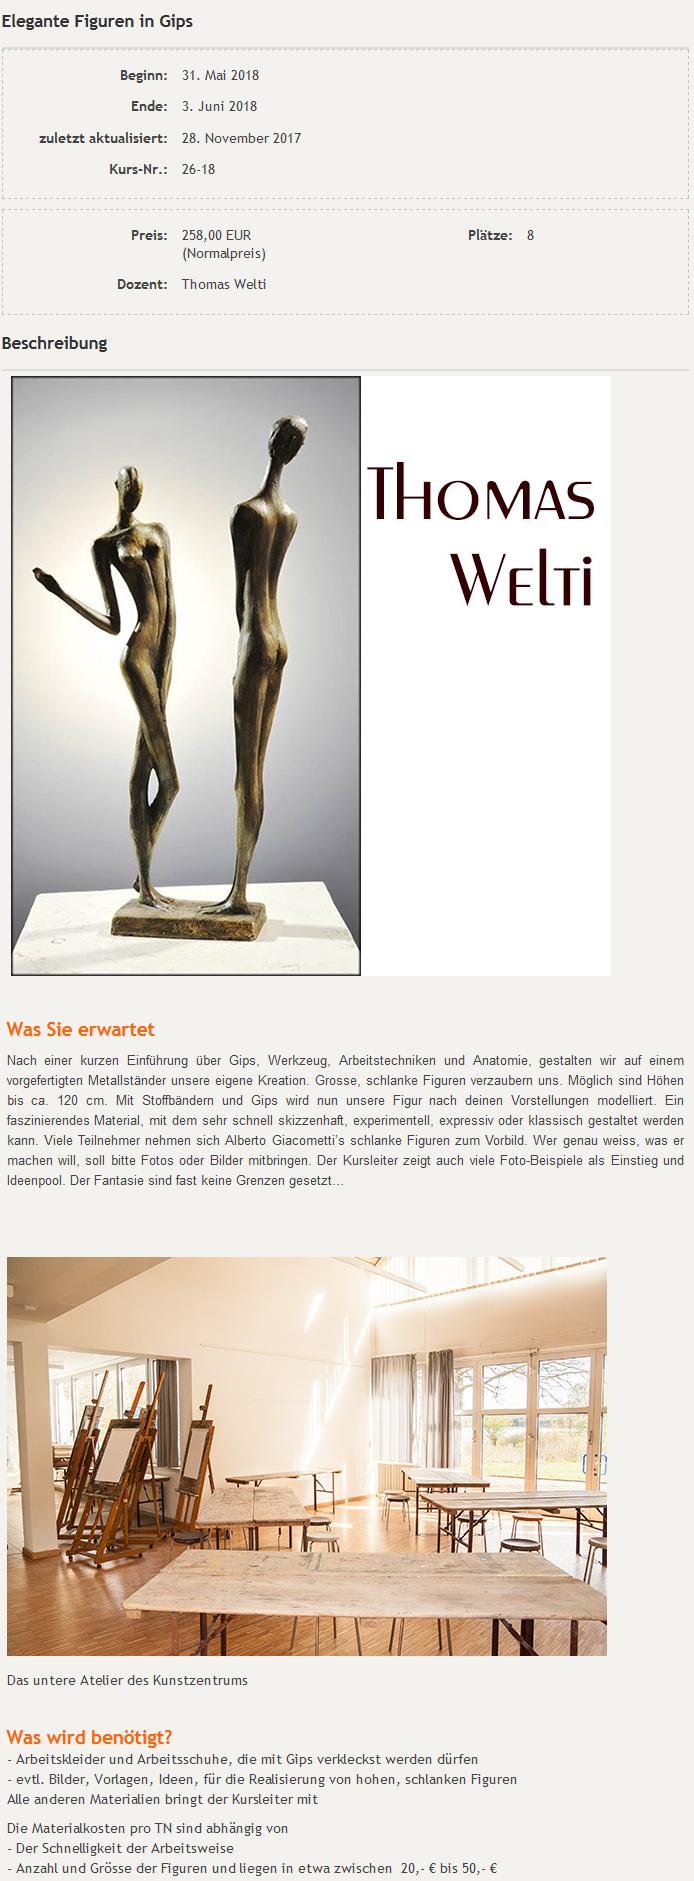 FireShot Capture 002 - Erwachsene - Elegante Figuren in Gips_ - http___www.bosener-muehle.de_kursp